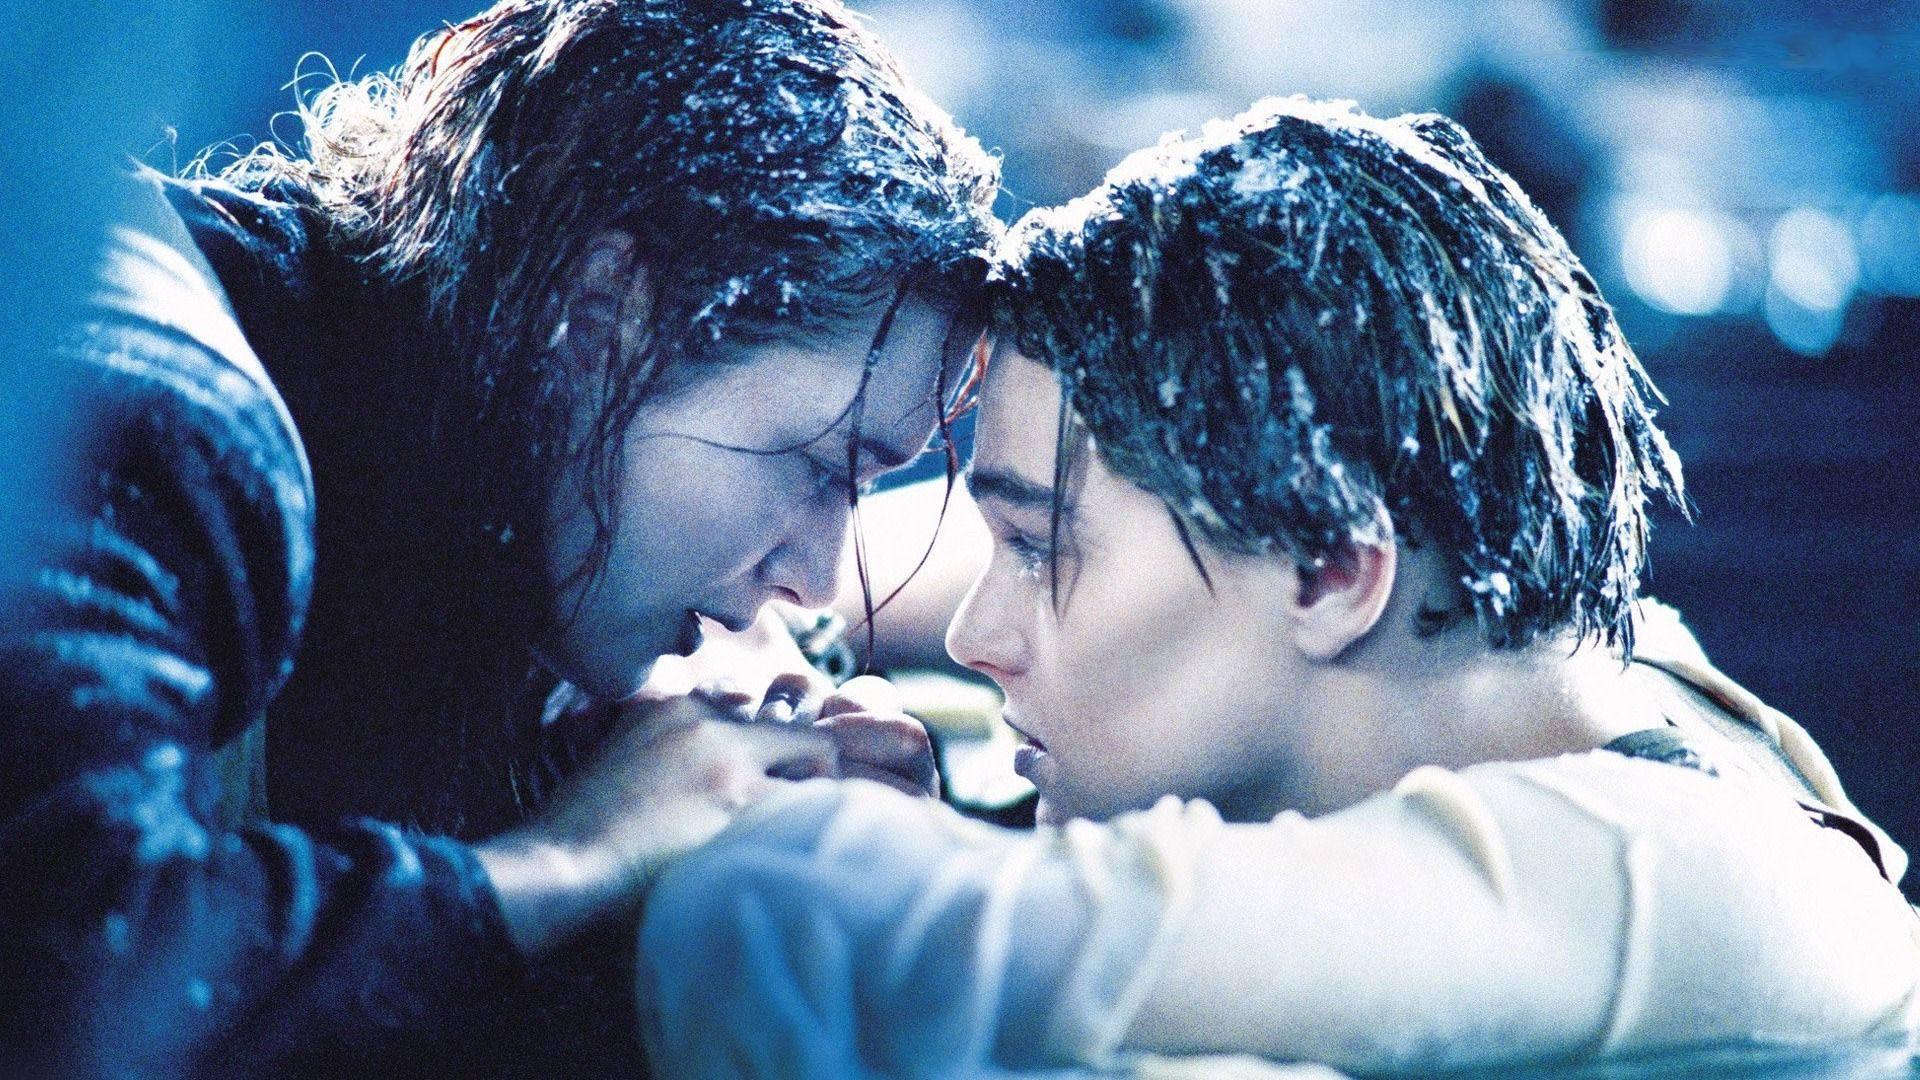 phim Titanic CẢM HỨNG TỪ NHỮNG CON TÀU ĐẮM